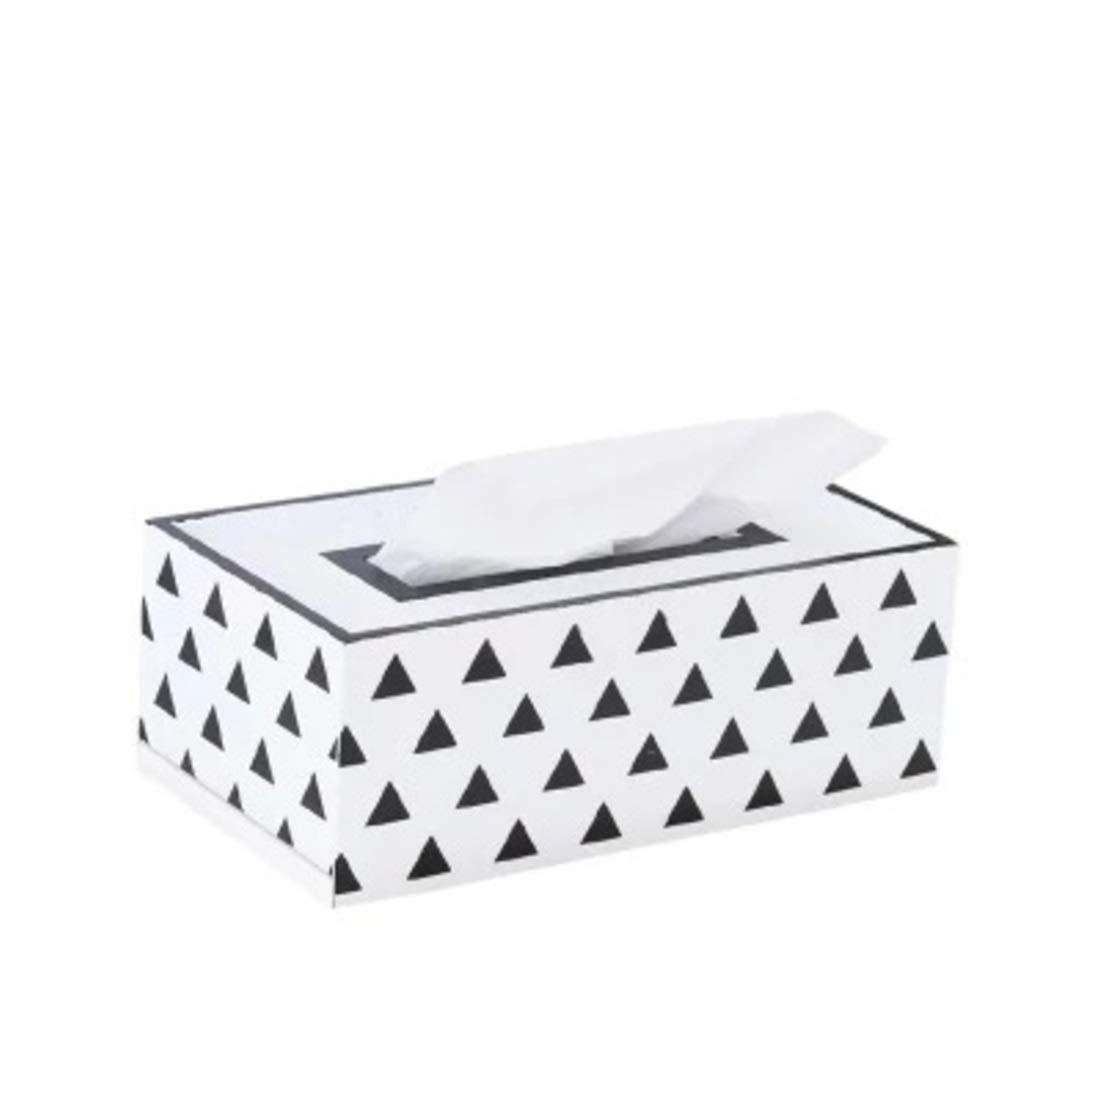 Mkulxina Nordische Holzhandwerk Wohnzimmer Esszimmer Dekoration Dekoration einfache Holz Holz Holz Tissue Box (Farbe   schwarz and Weiß Grid) B07PN22DCR Toilettenpapieraufbewahrung 8f9321